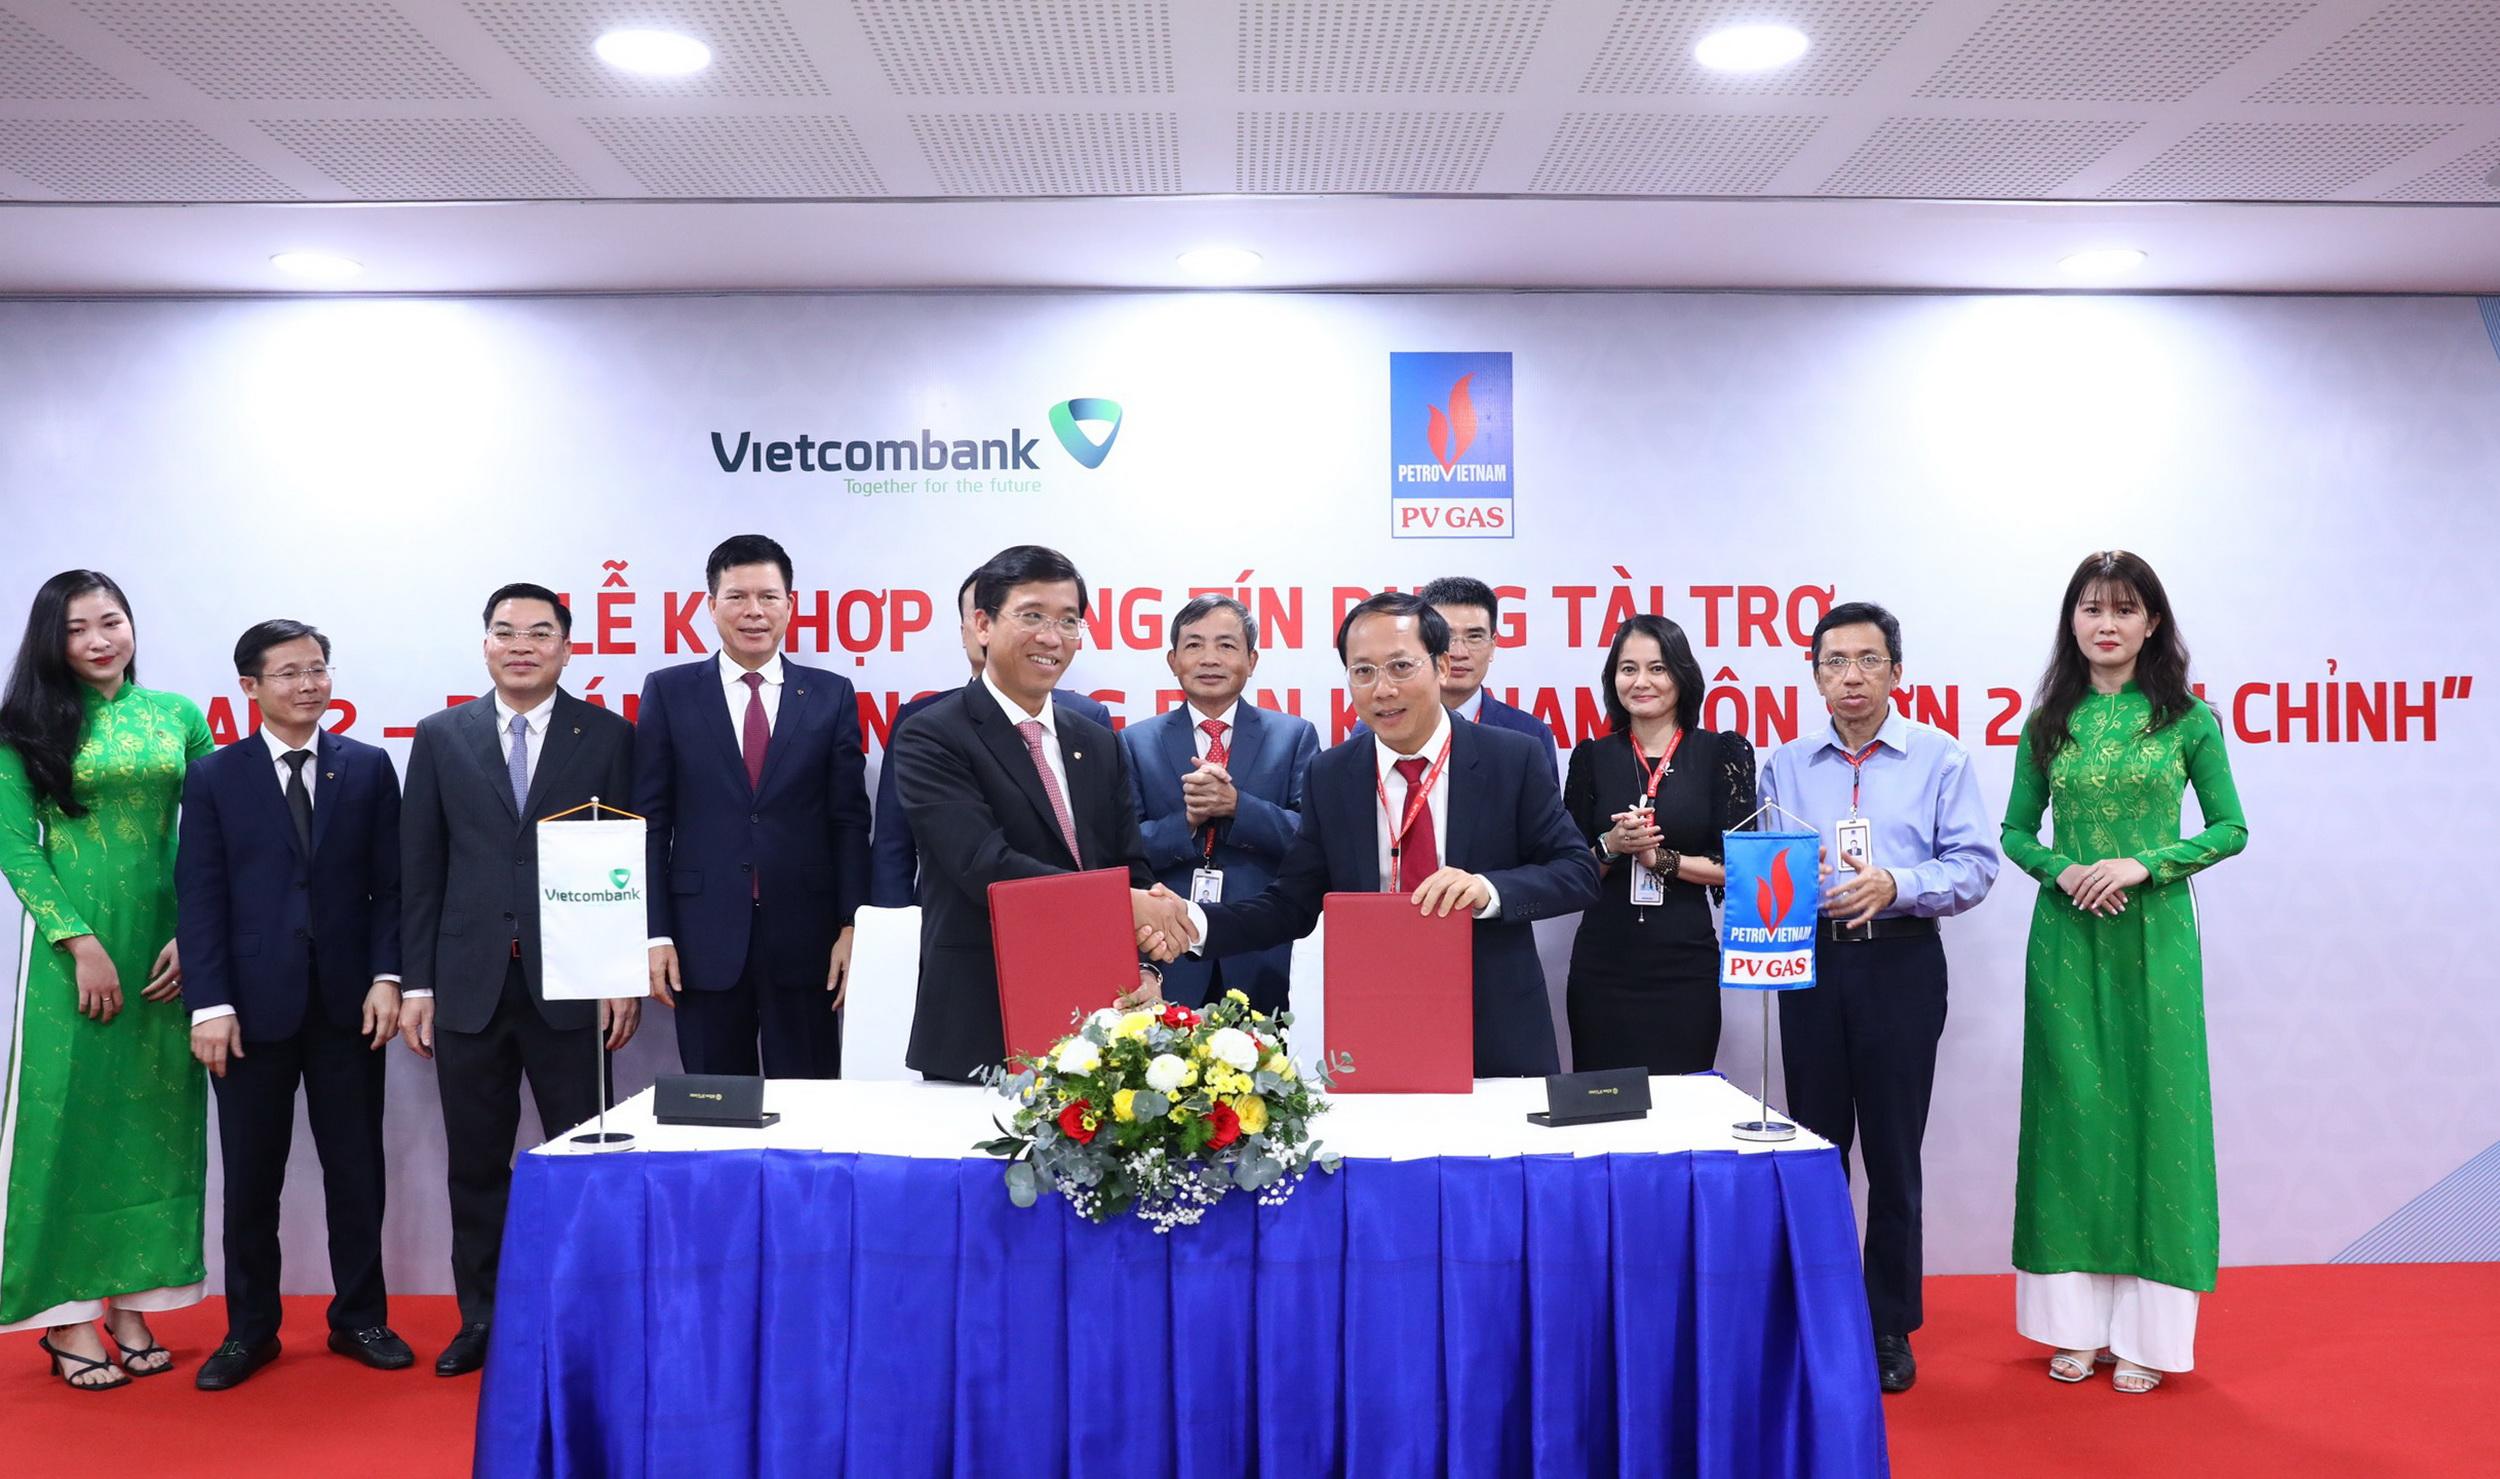 Trao chứng nhận ký kết, mở ra một giai đoạn hợp tác mới giữa PV GAS và Vietcombank